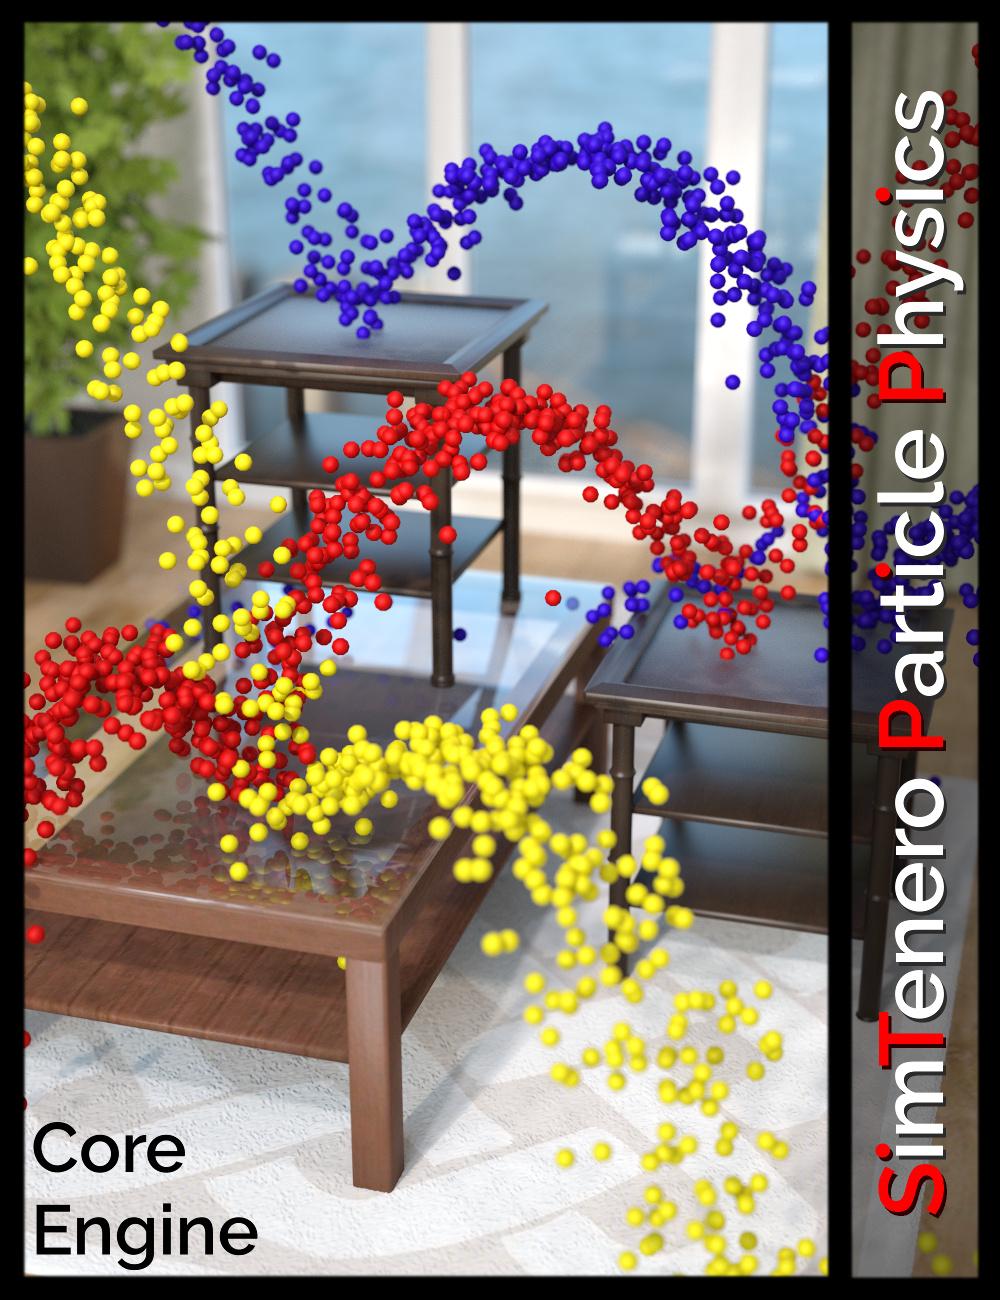 SimTenero Particle Physics - Core Engine by: SimTenero, 3D Models by Daz 3D